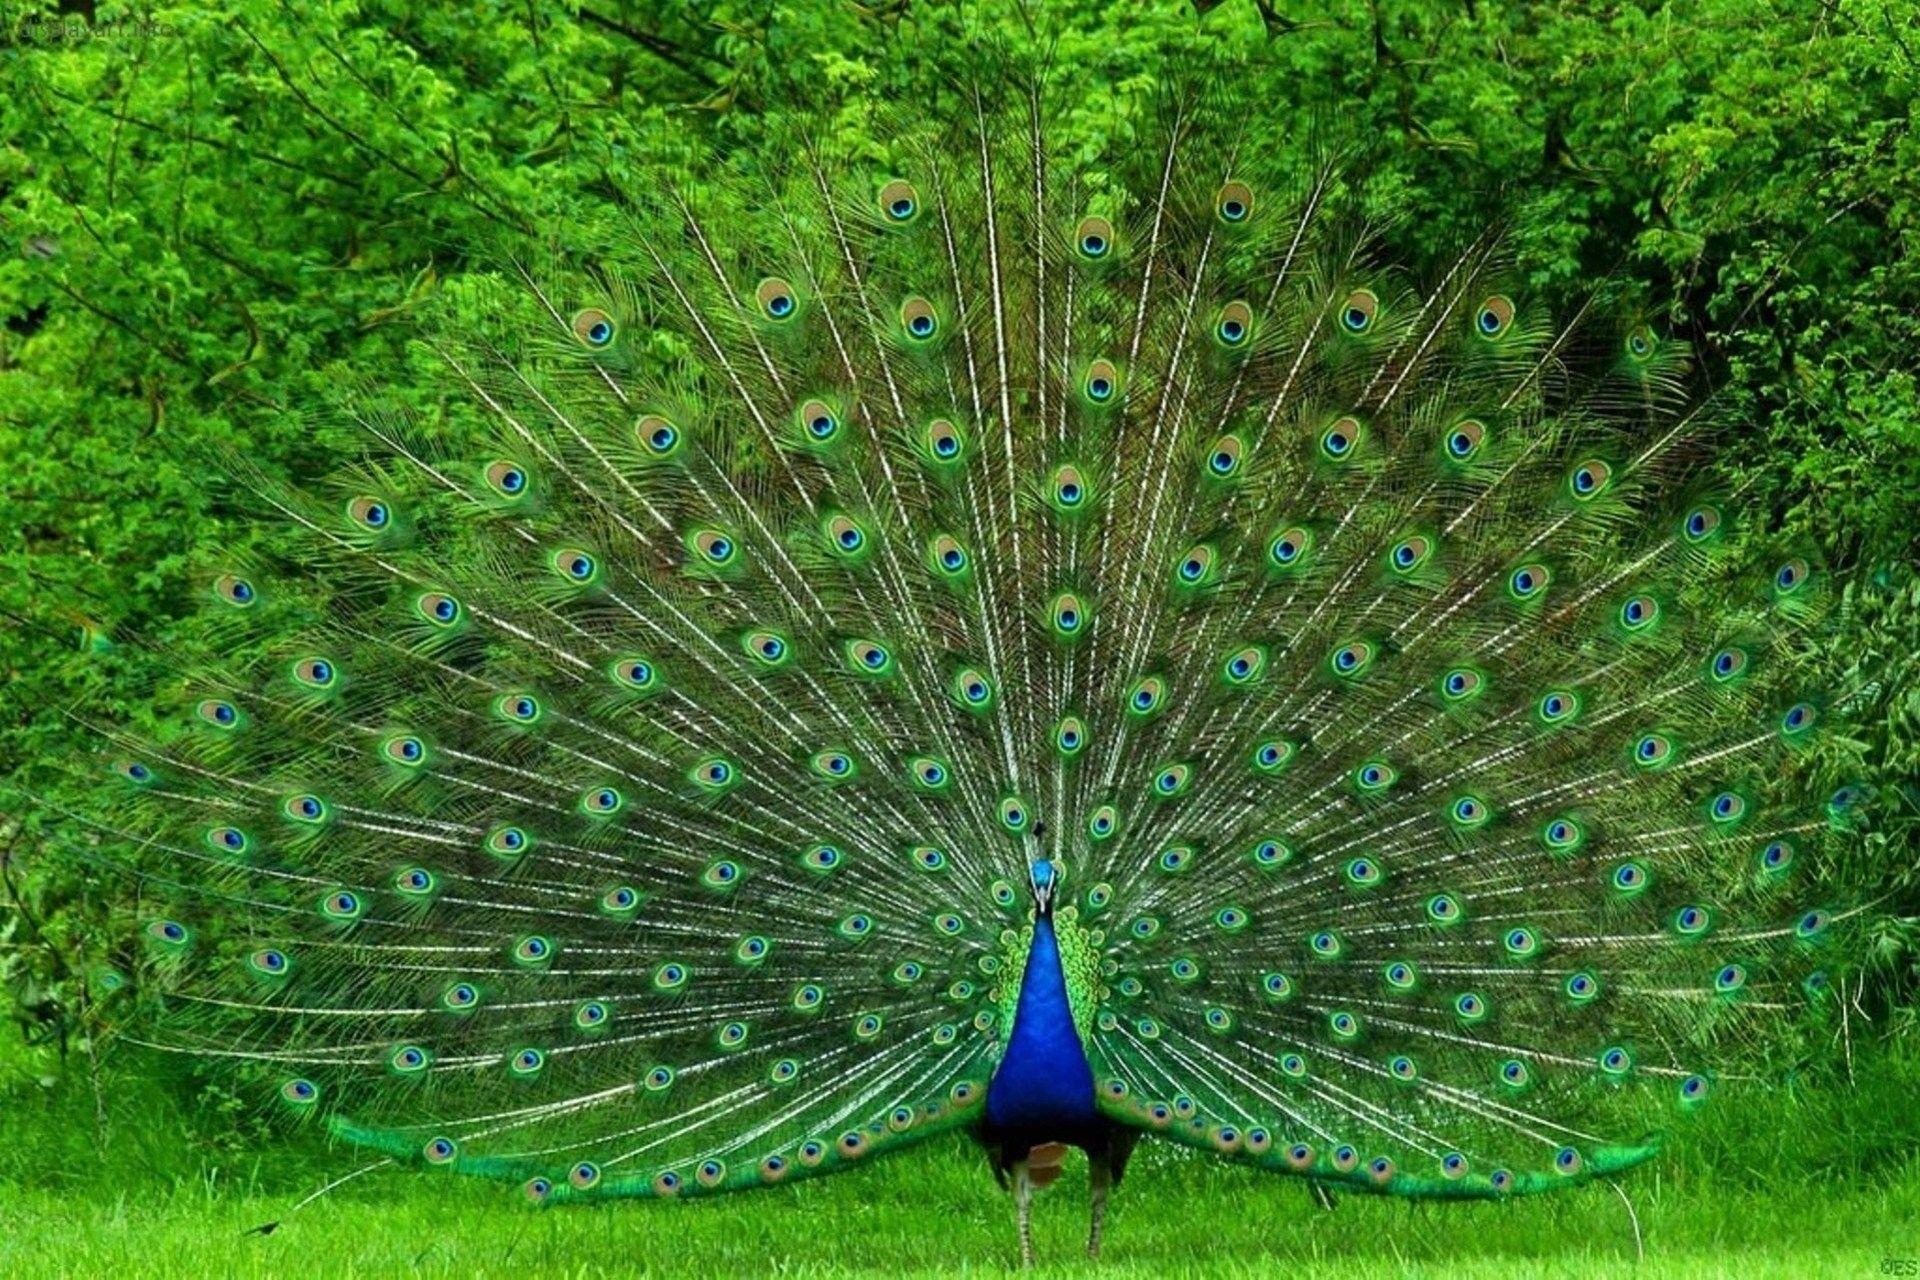 peacock photos